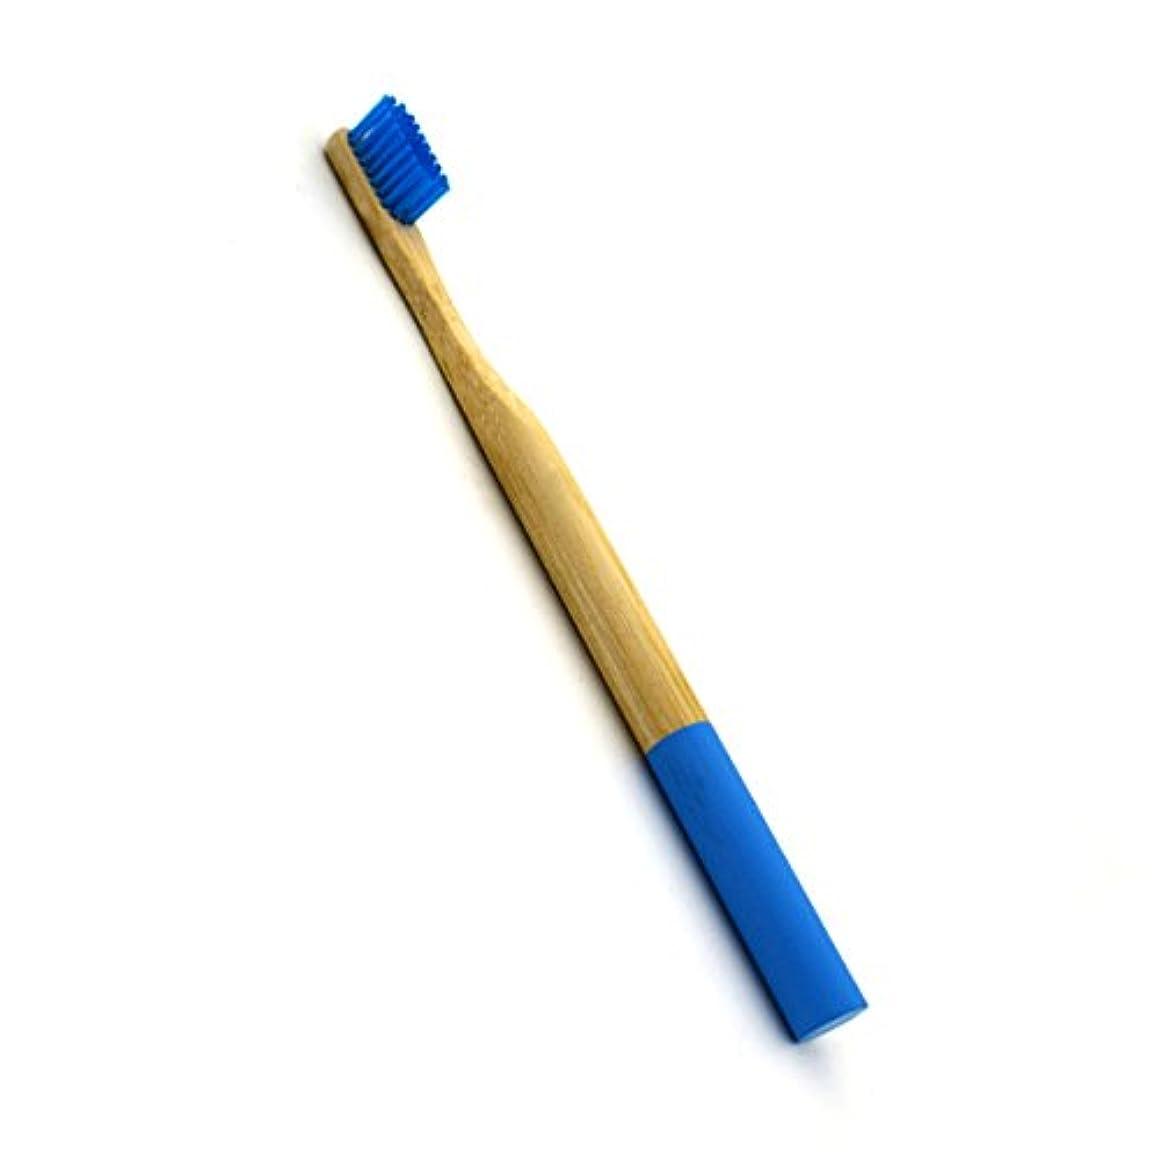 段落換気幼児ROSENICE 竹歯ブラシラウンドハンドル自然な竹成人環境にやさしいソフトブリストル旅行歯ブラシ